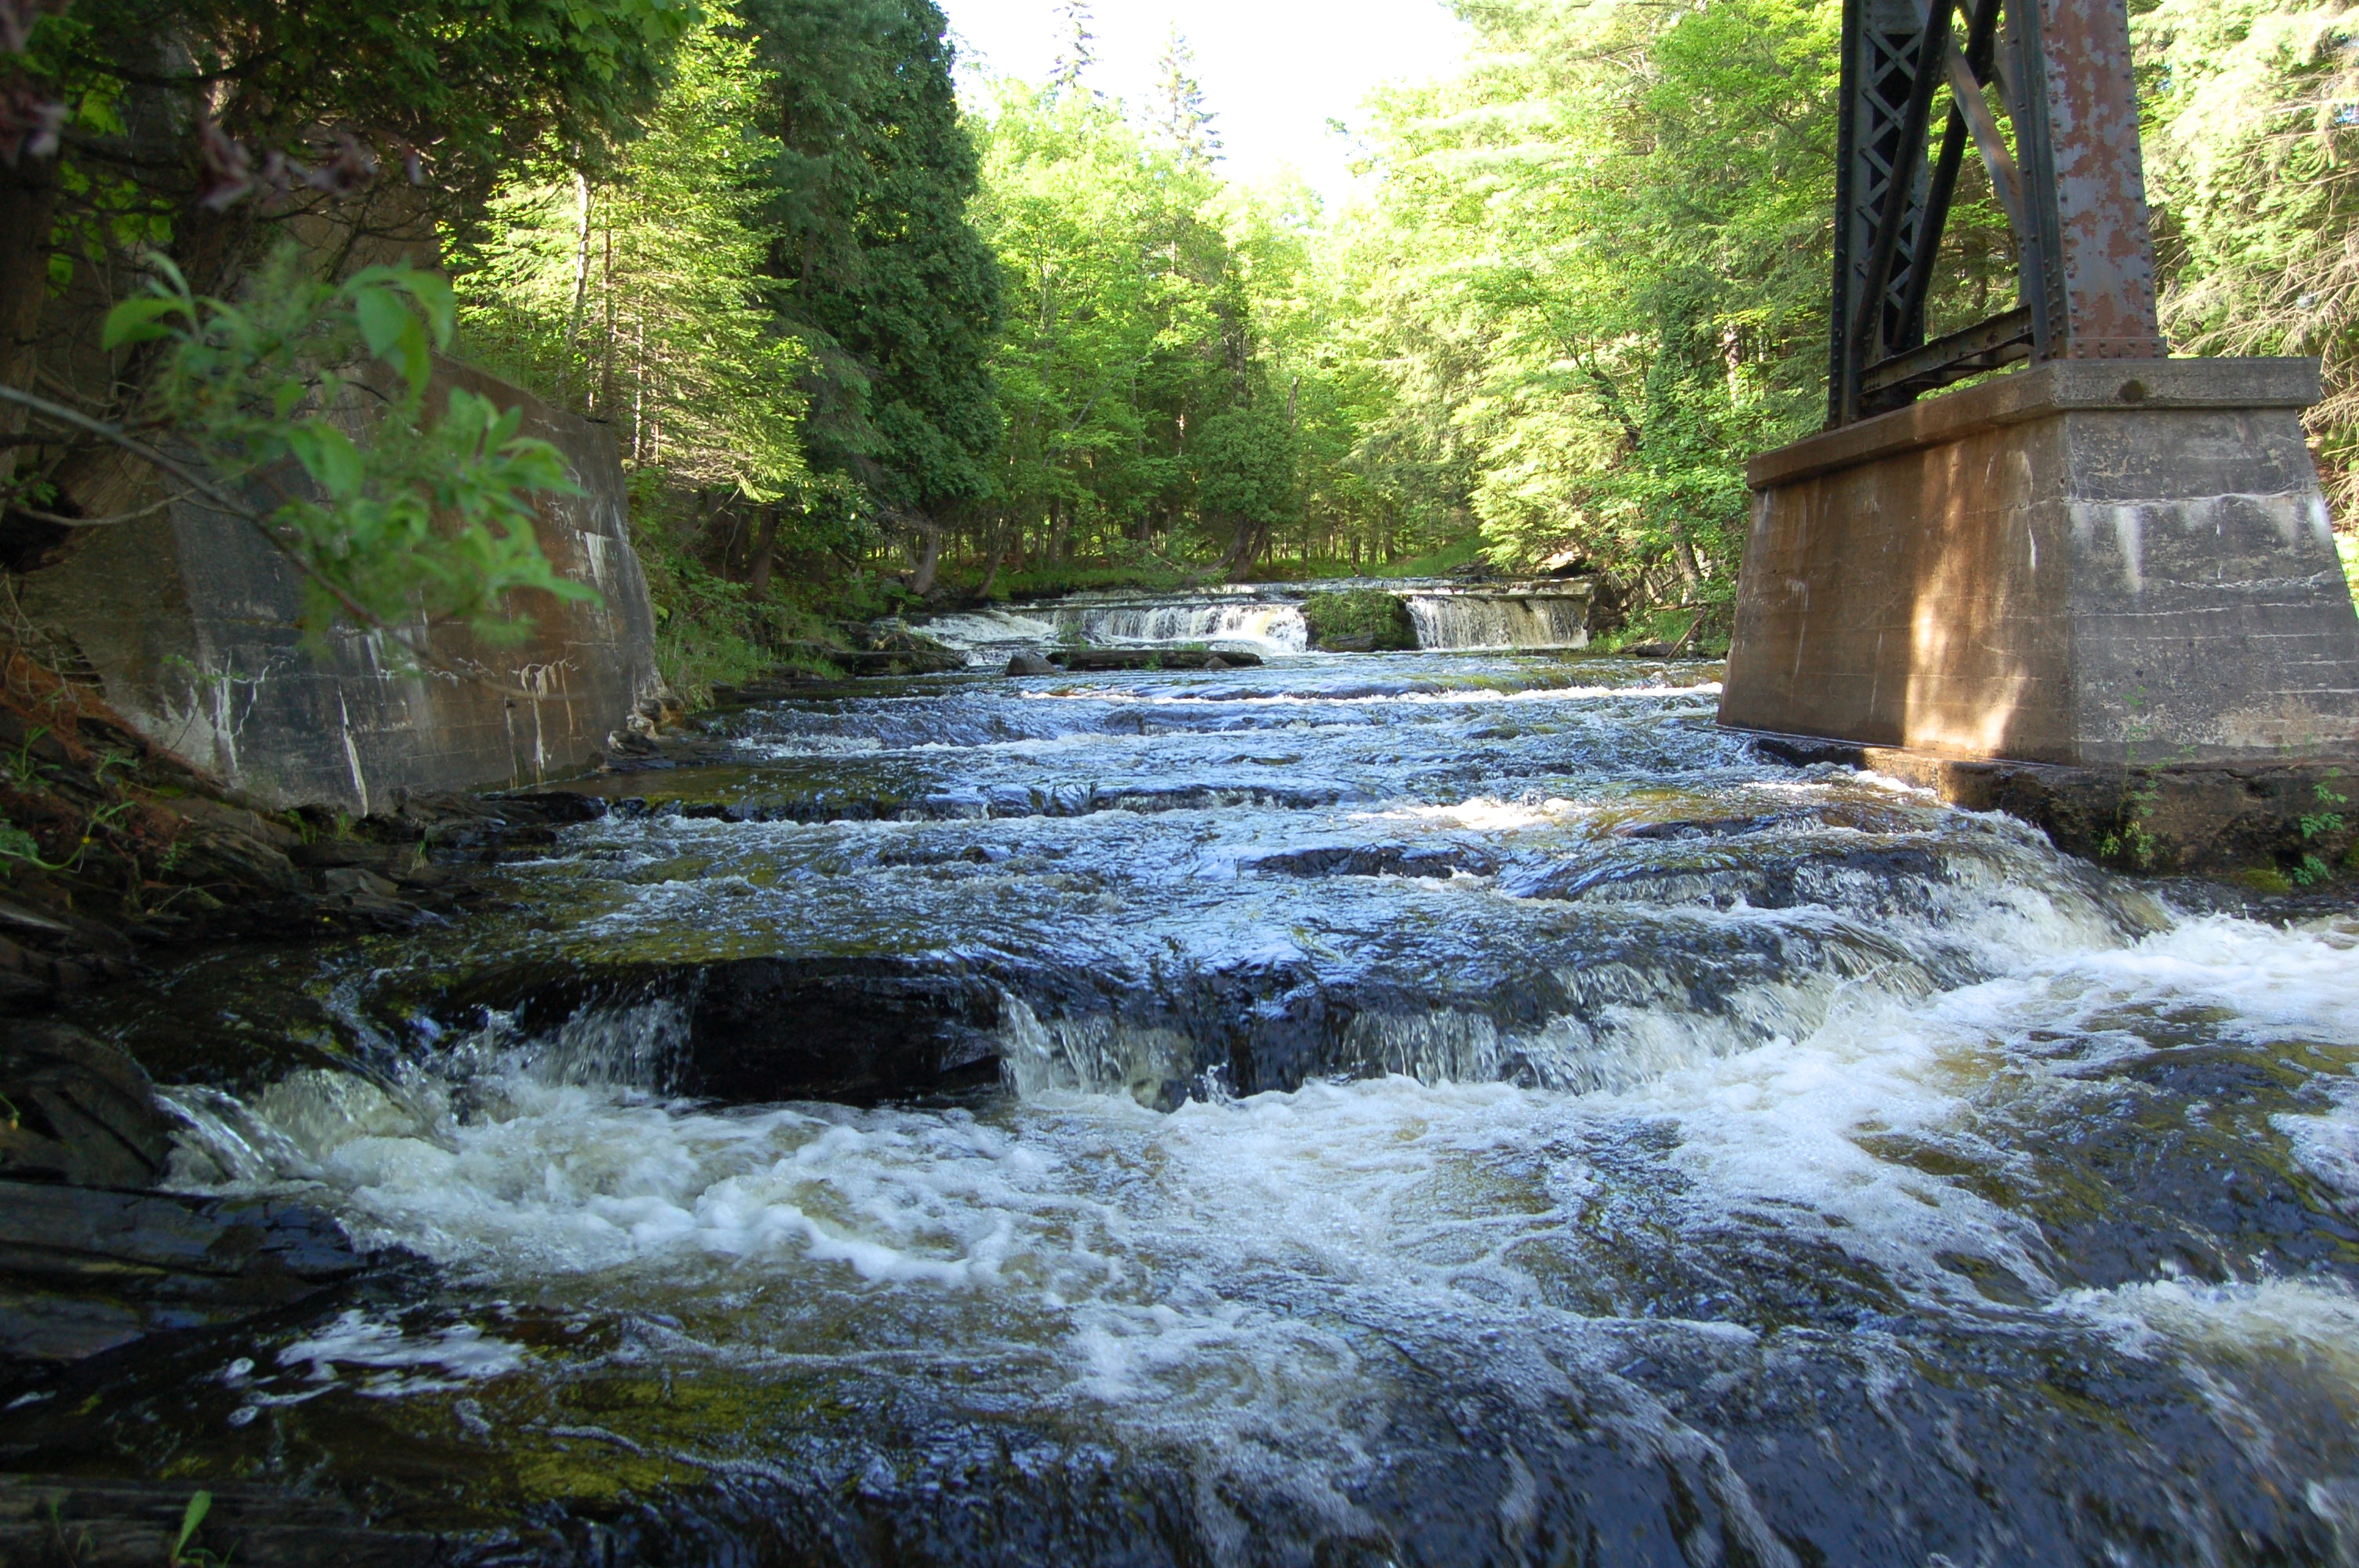 Falls River unnamed falls